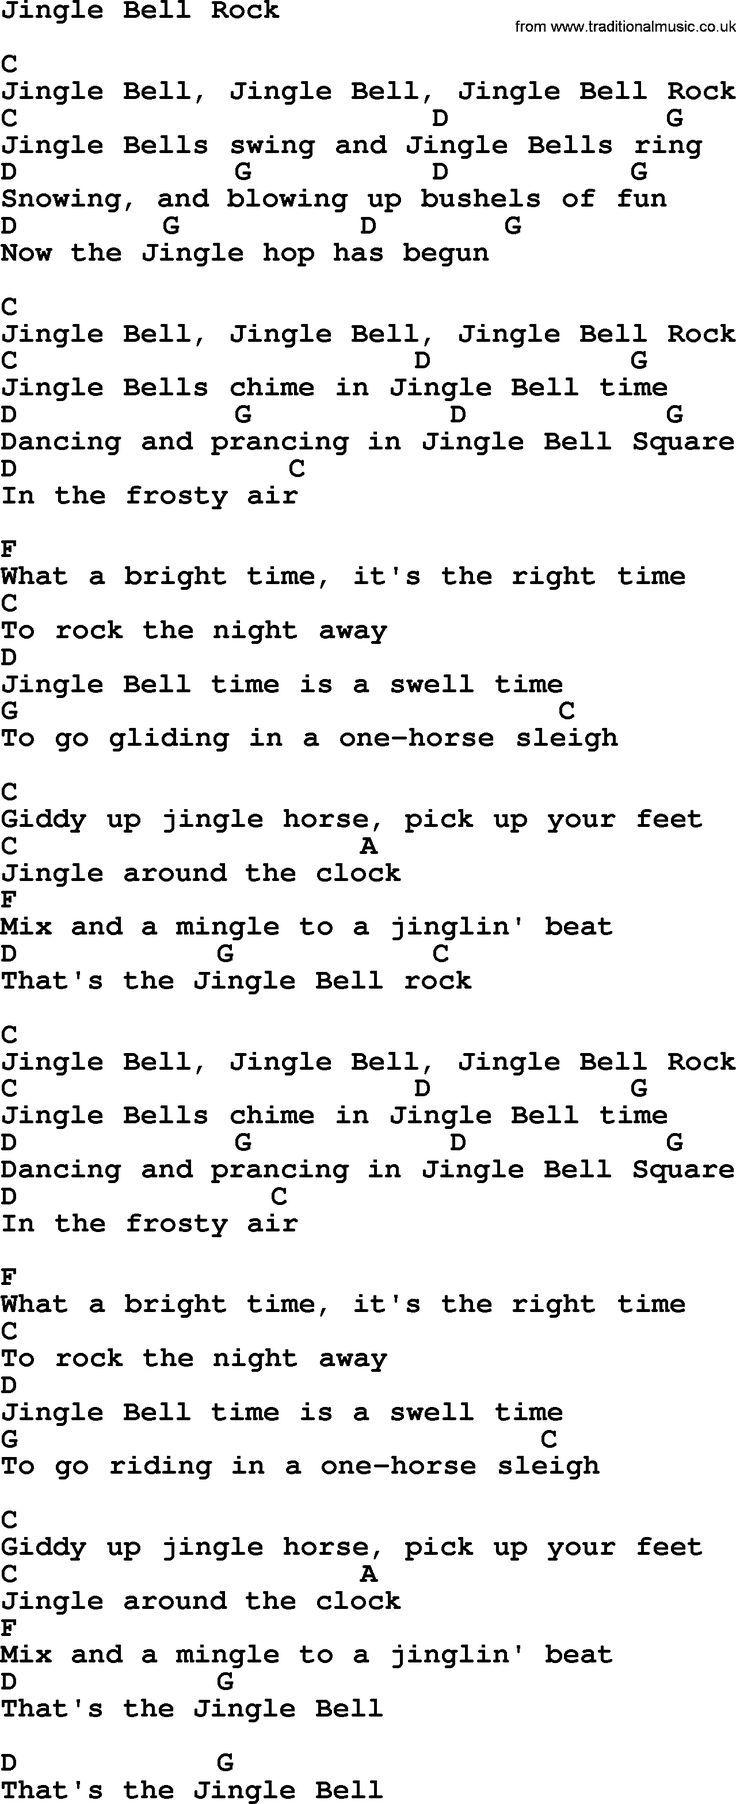 George Strait song: Jingle Bell Rock, lyrics and chords | Ukulele songs, Christmas ukulele songs ...